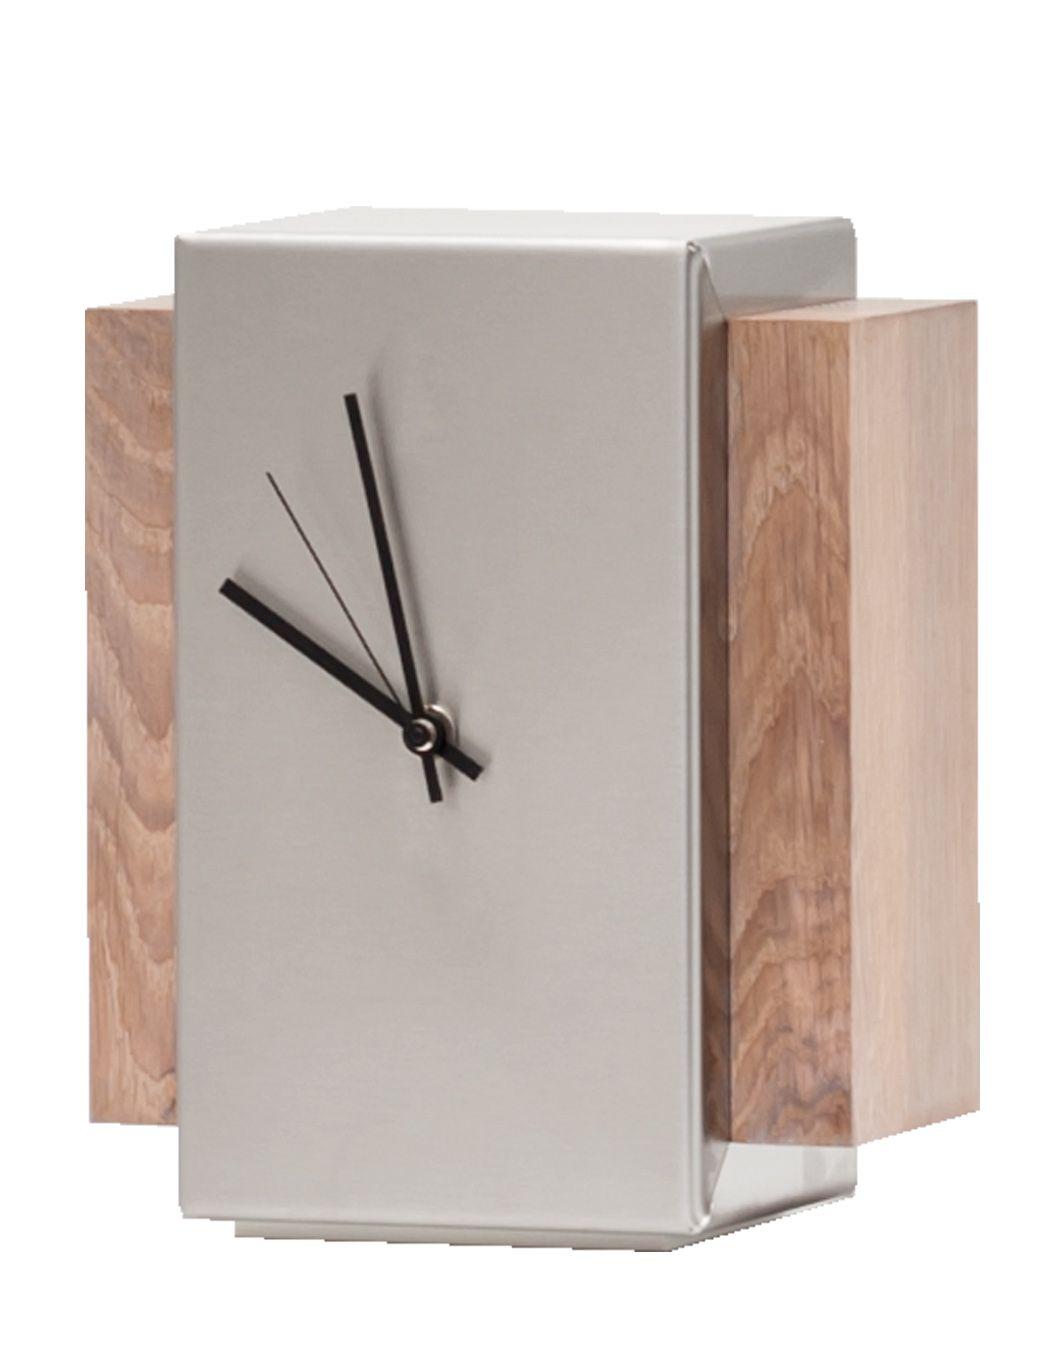 Design Tischuhr designer tischuhr hannover edelstahl mit eiche whitewash 2255 im